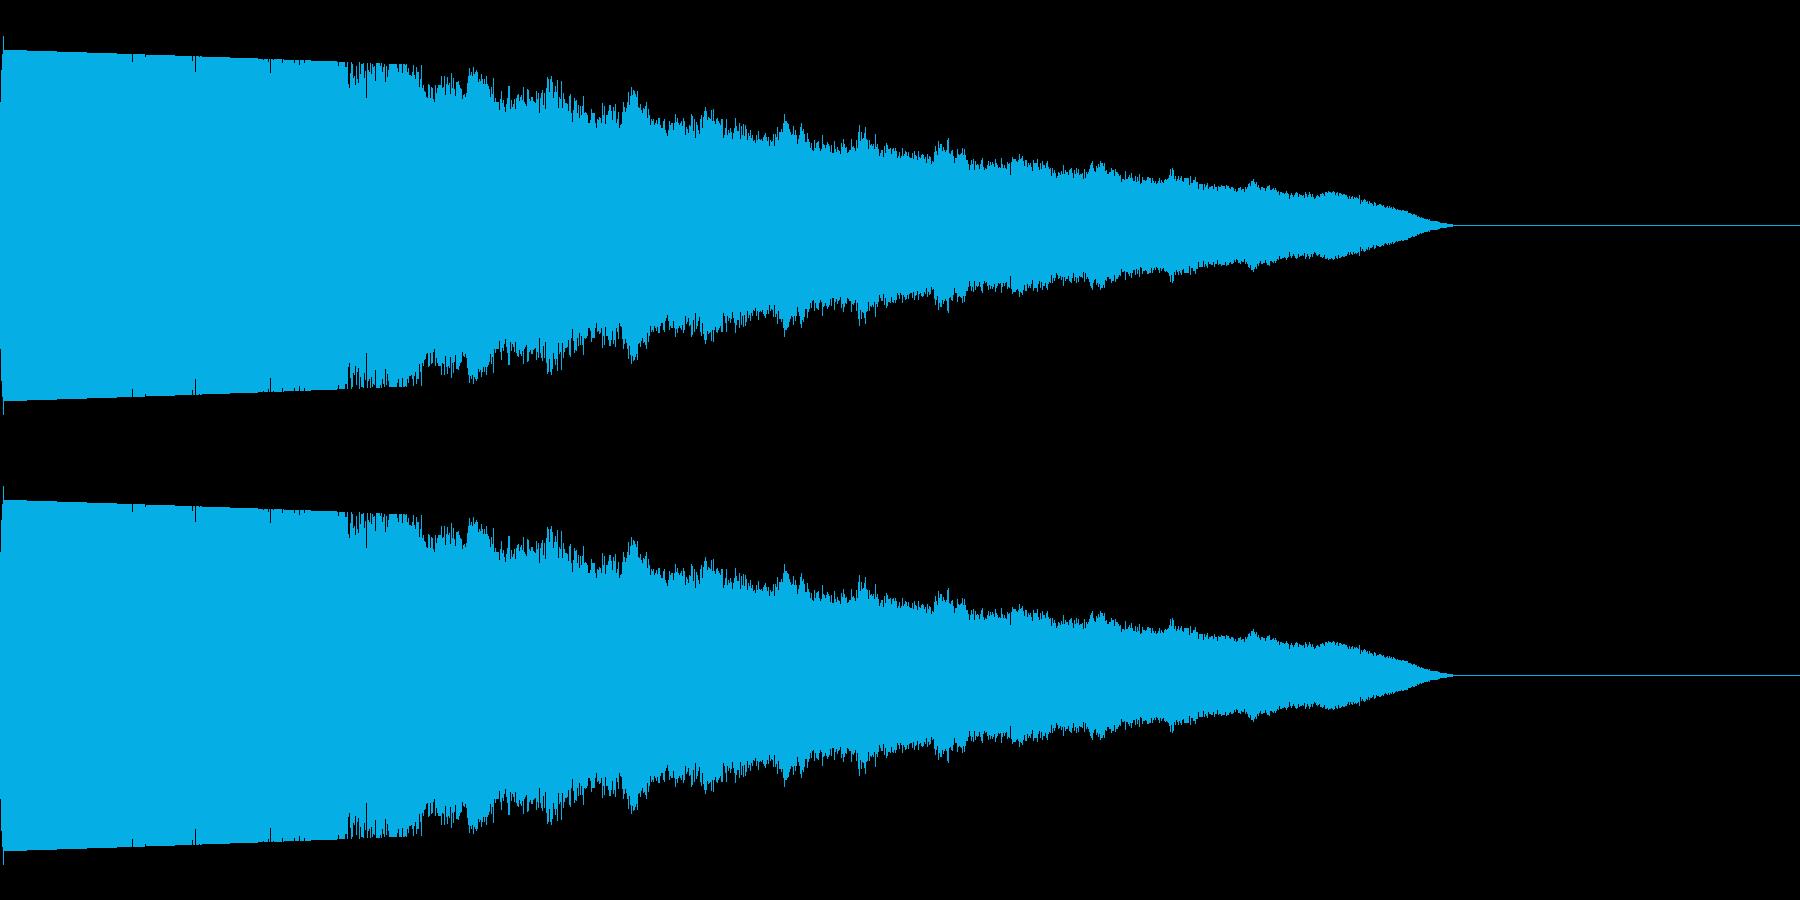 プシュー(ガス/ノイズ/爆発/科学物の再生済みの波形